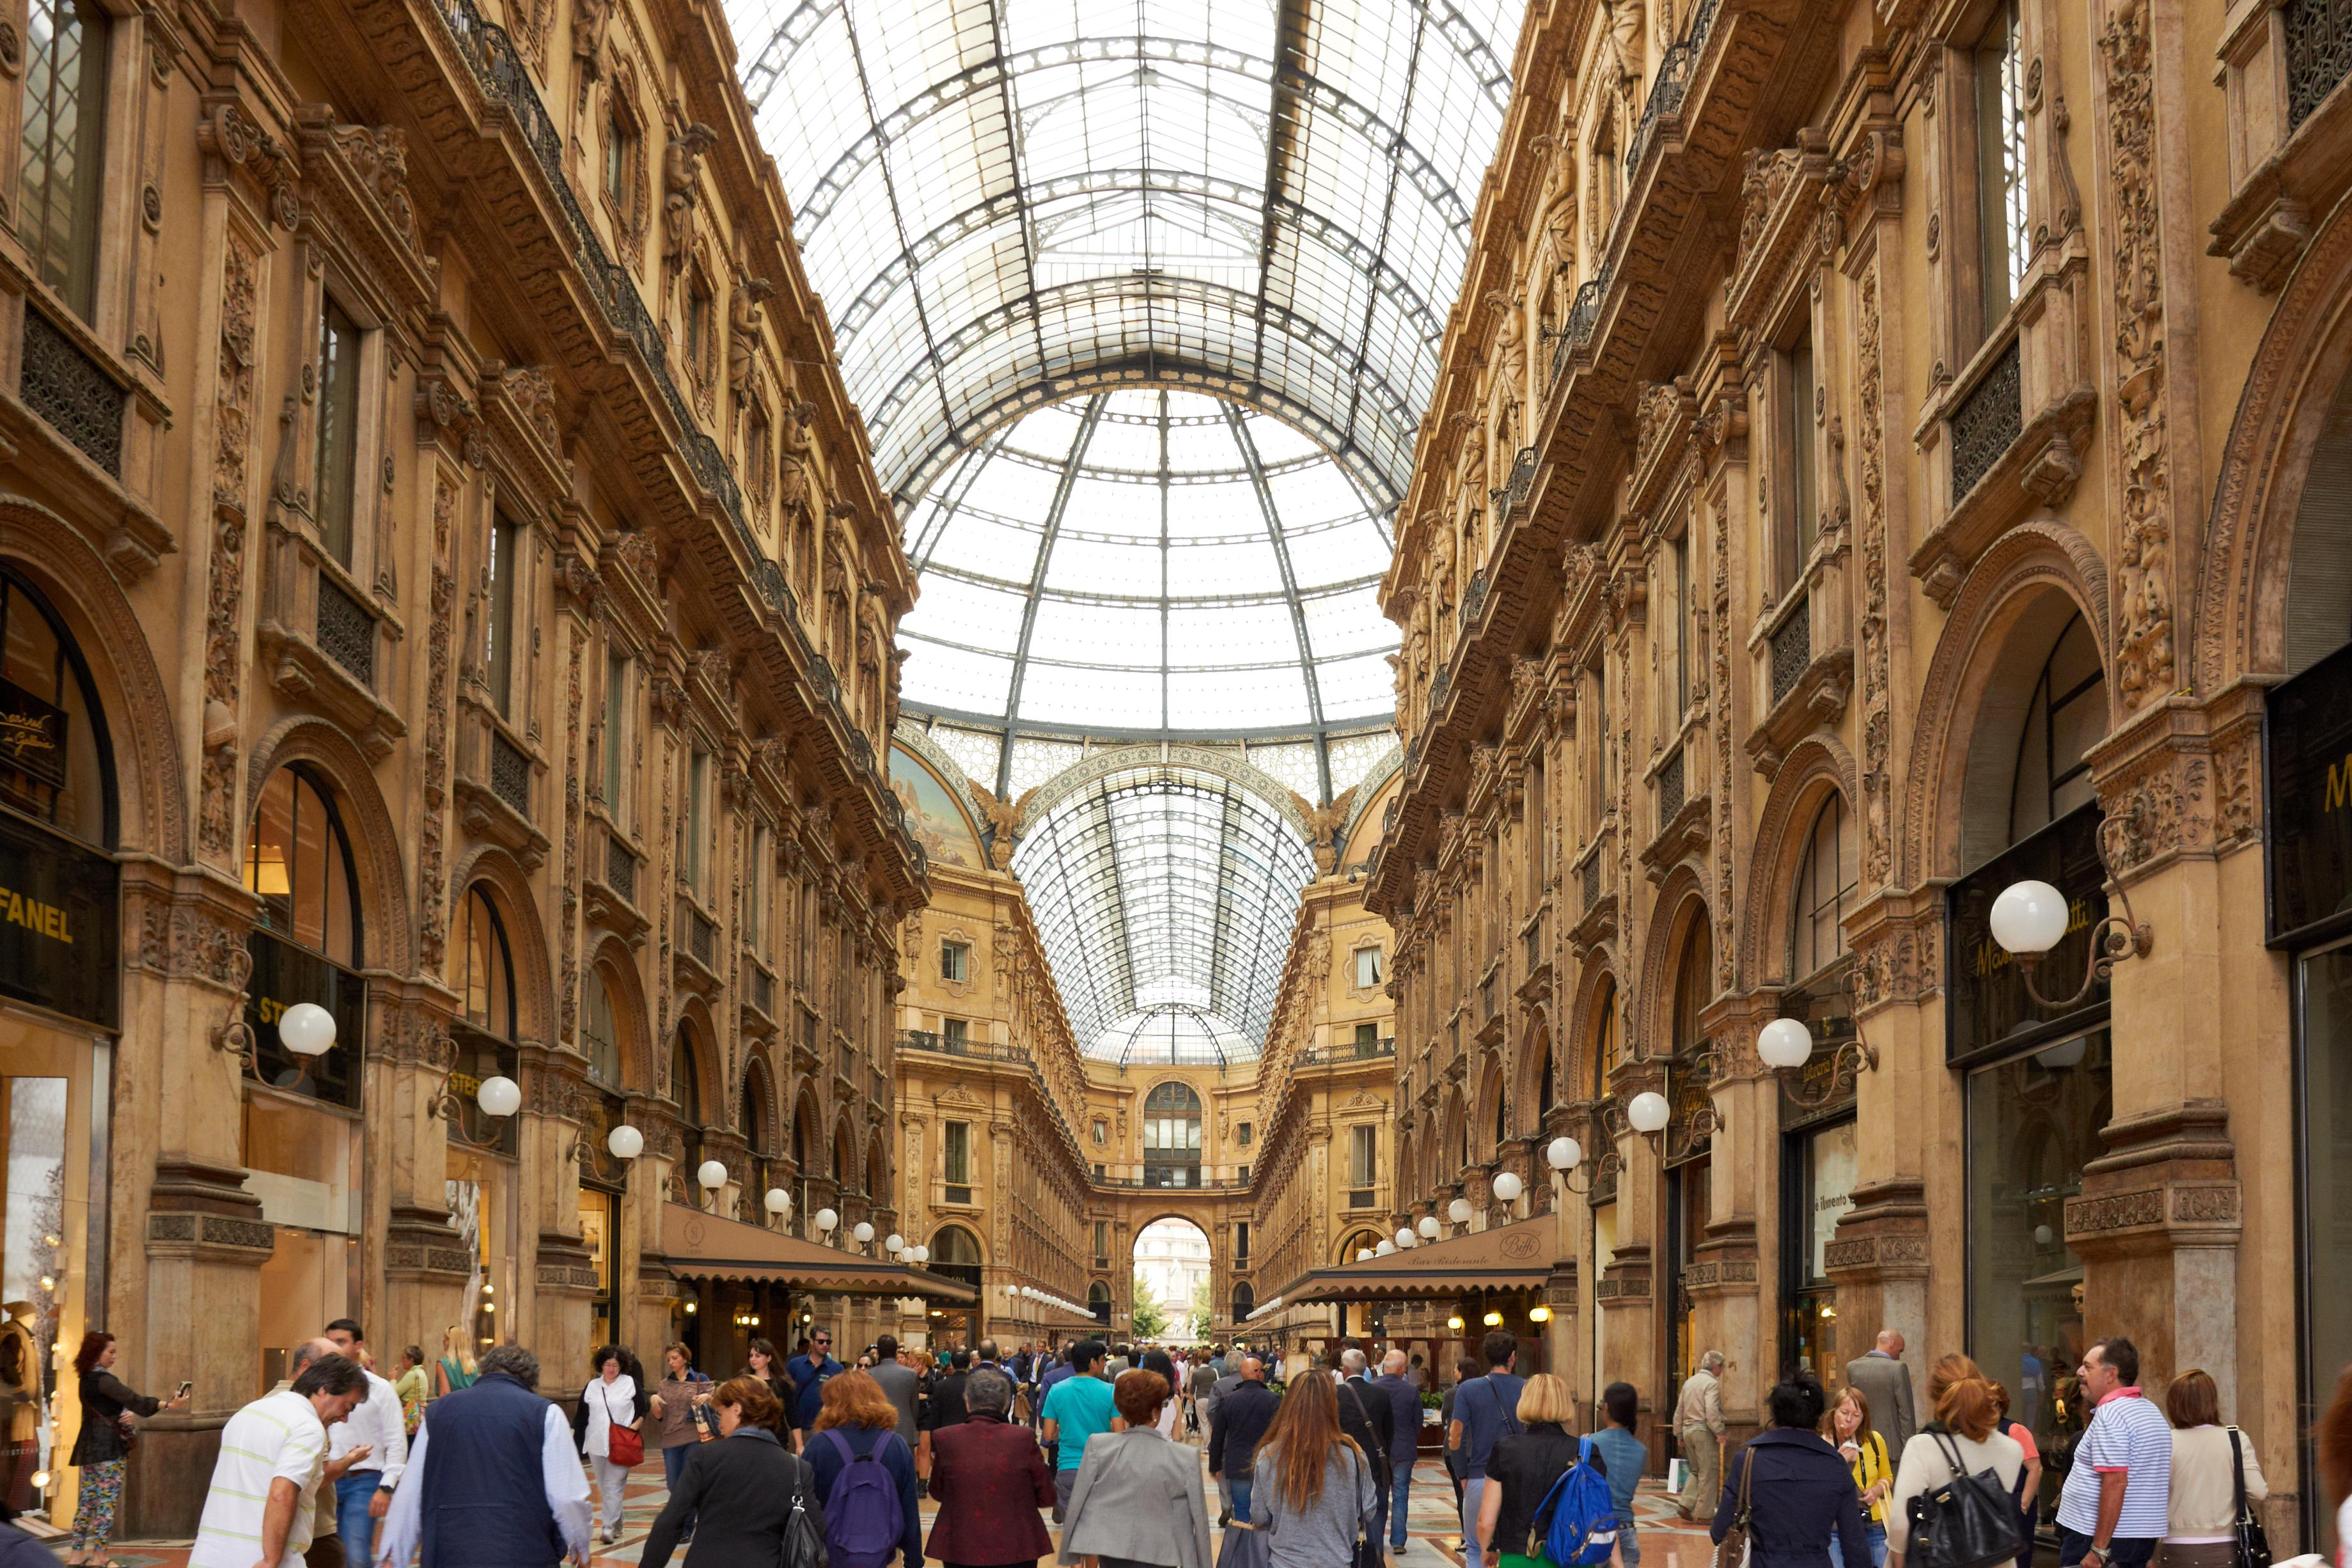 File:The Galleria Vittorio Emanuele II in Milan 2013-09-18 ...